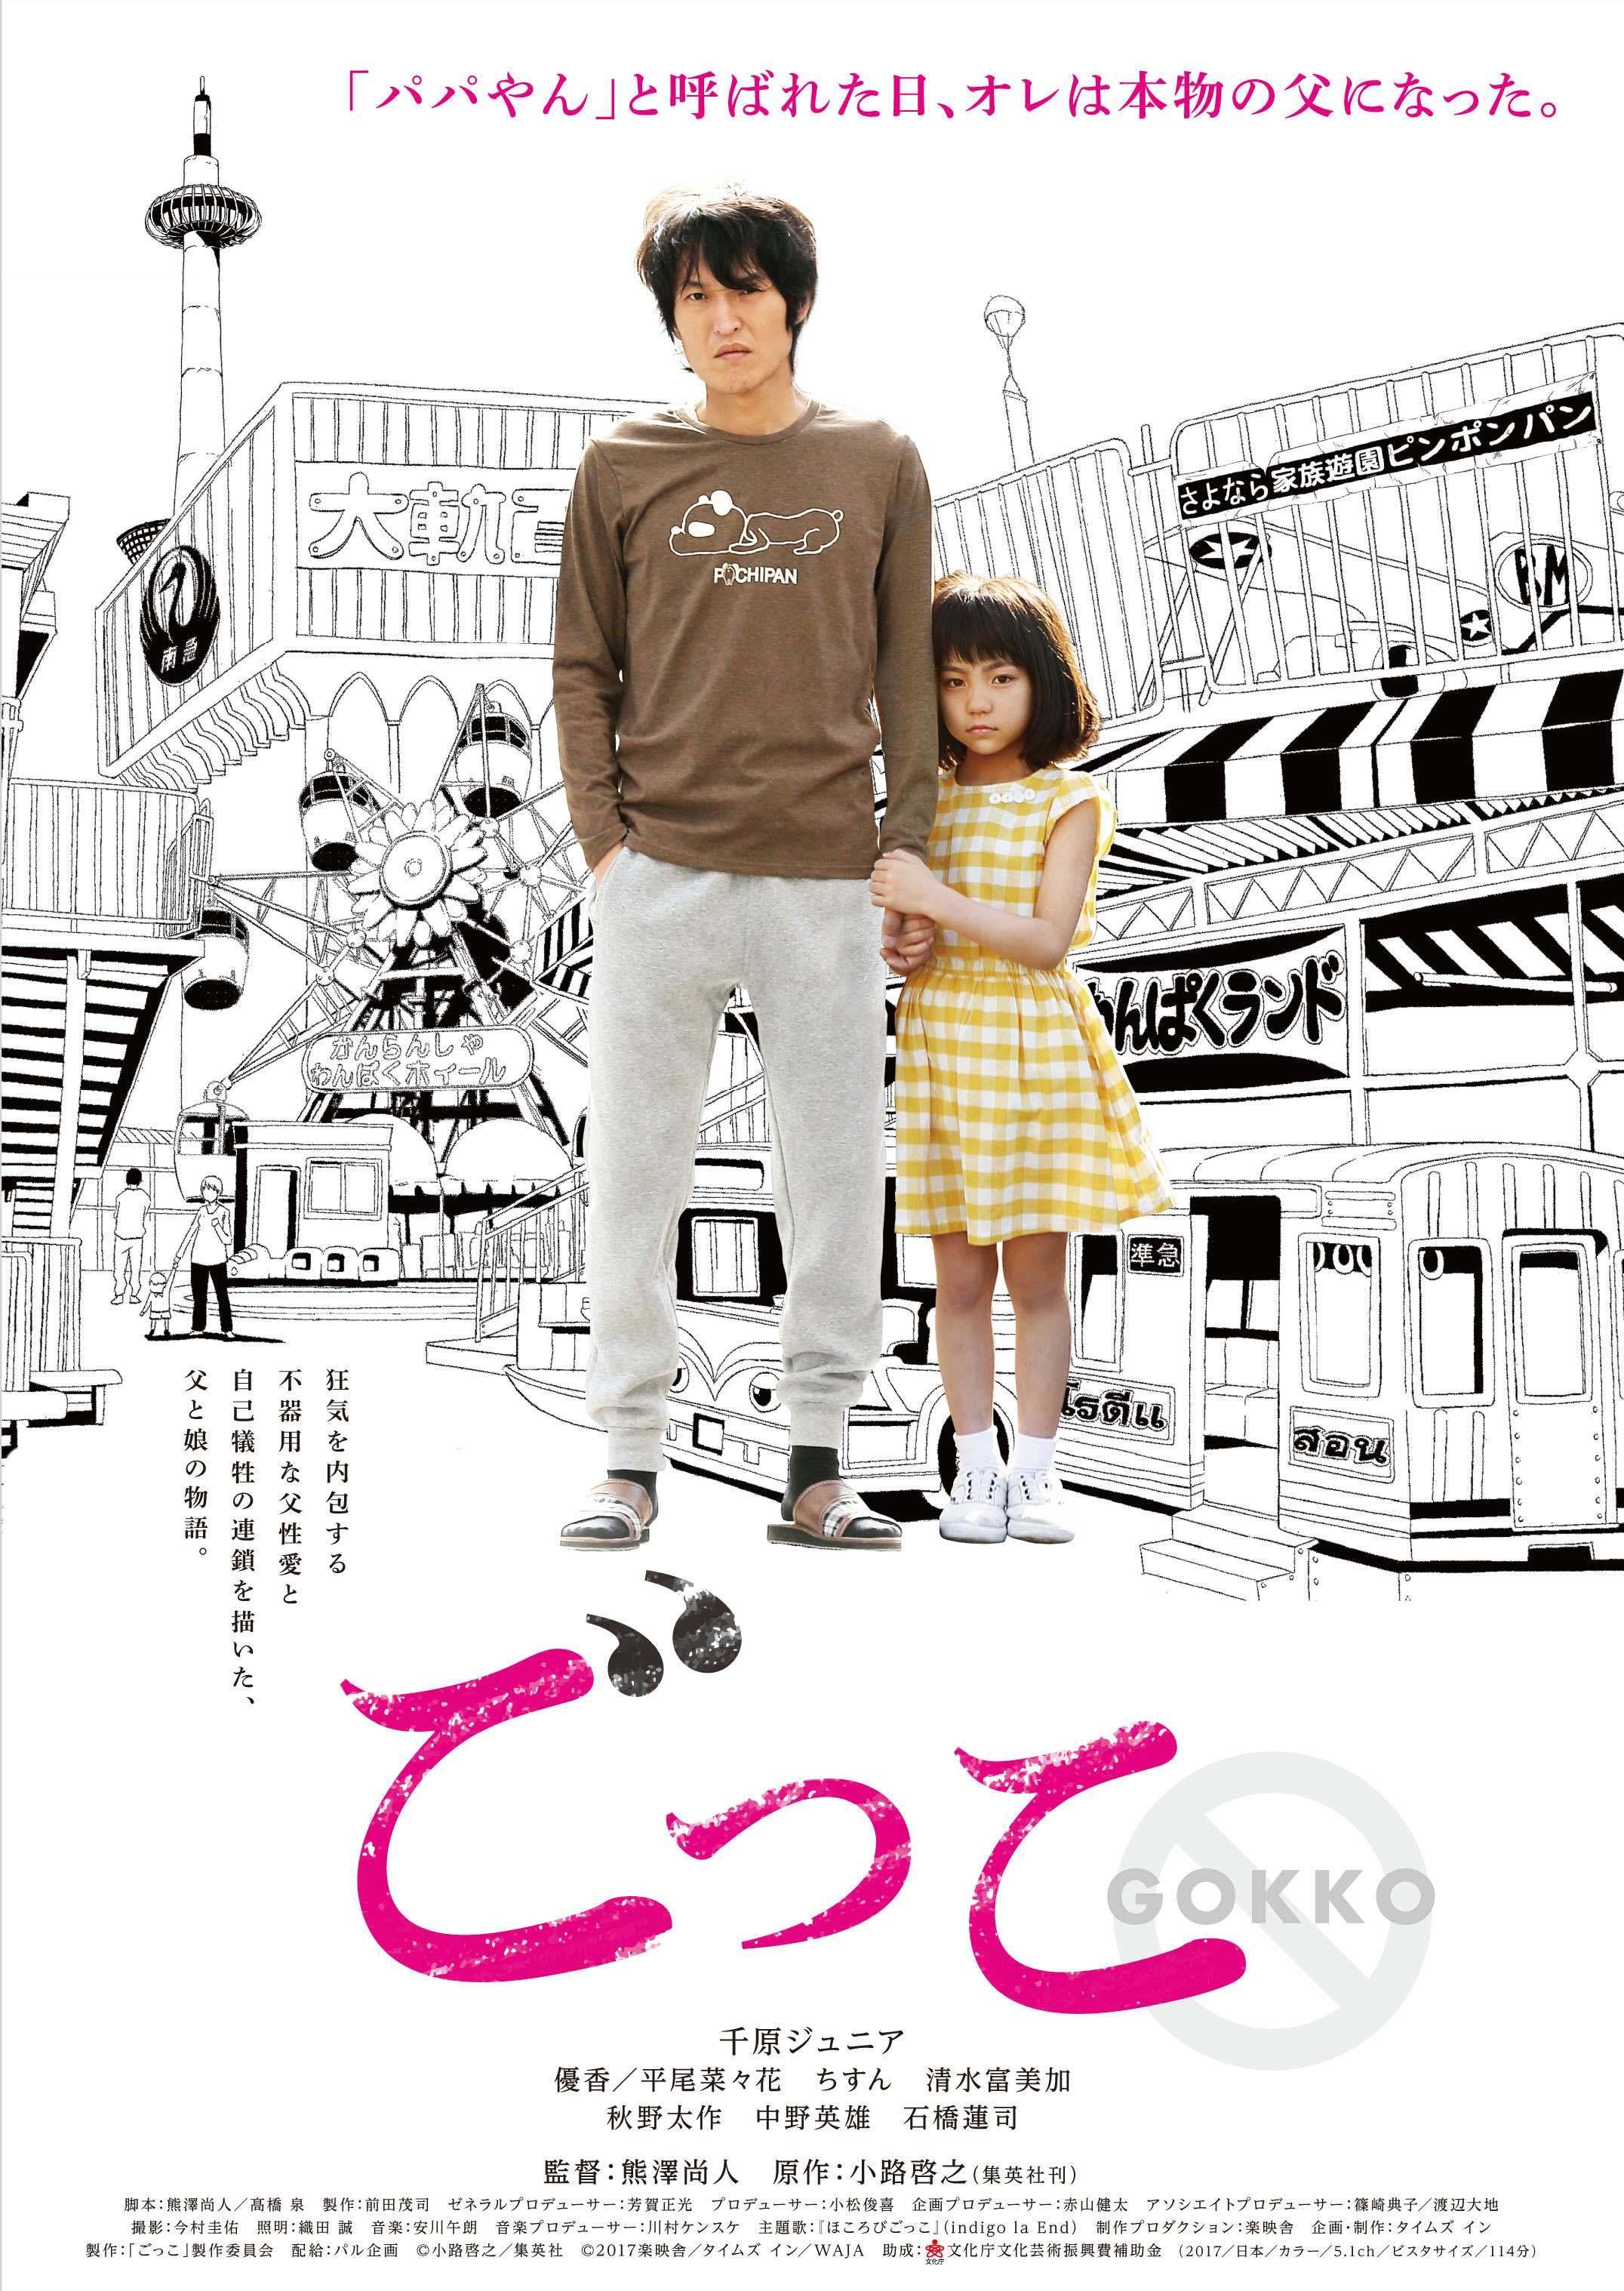 映画『ごっこ』 (C)小路啓之/集英社 (C)2017 楽映舎/タイムズイン/WAJA